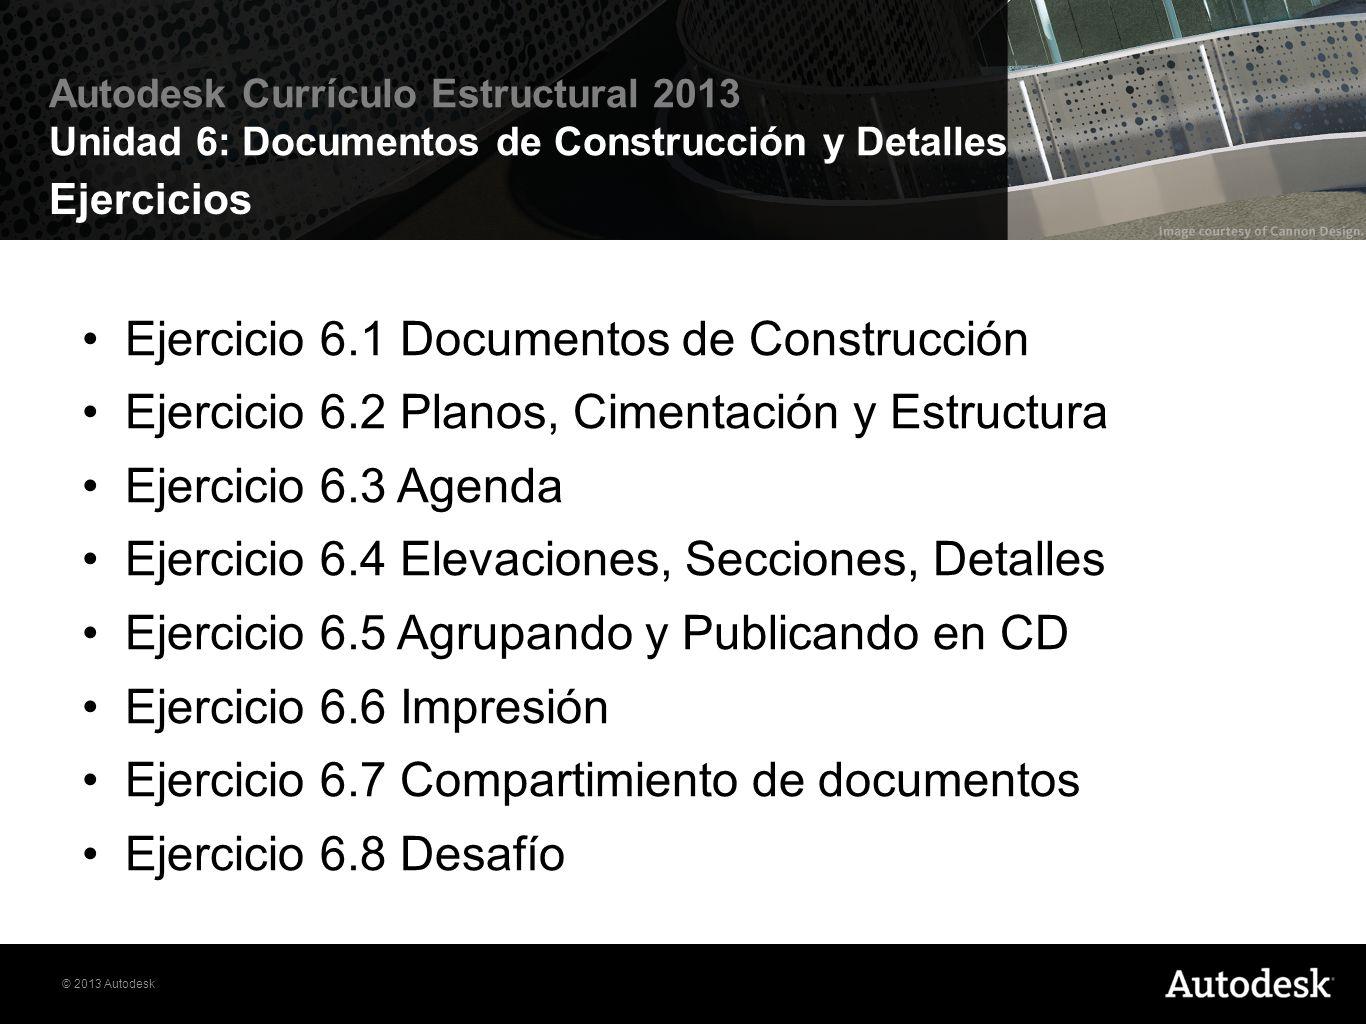 © 2013 Autodesk Autodesk Currículo Estructural 2013 Unidad 6: Documentos de Construcción y Detalles Ejercicios Ejercicio 6.1 Documentos de Construcció